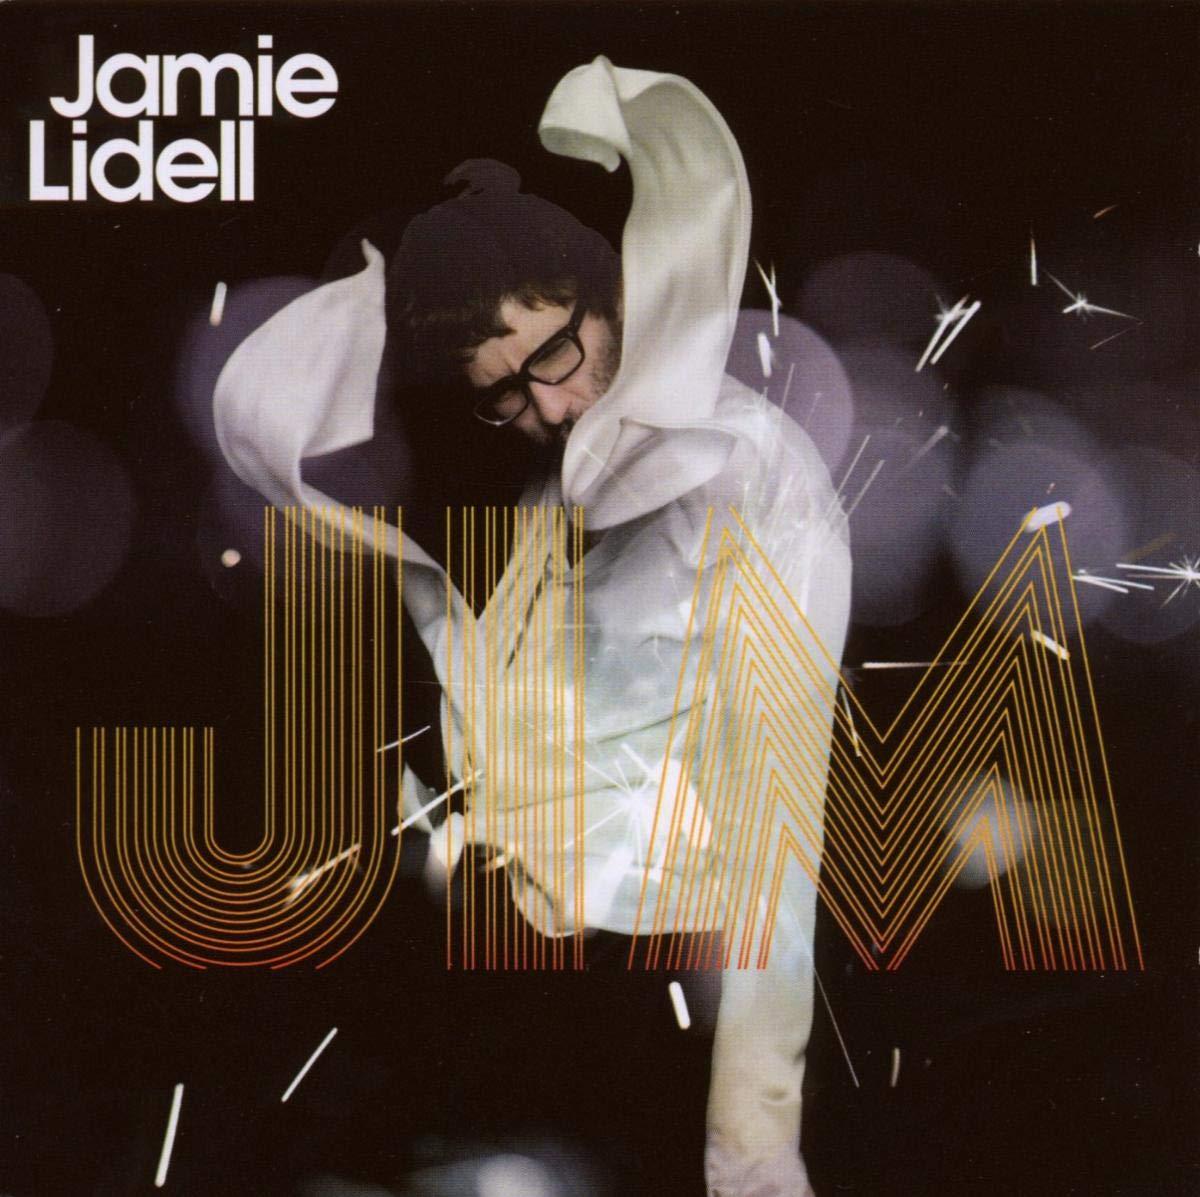 Jamie Lidell, Jim